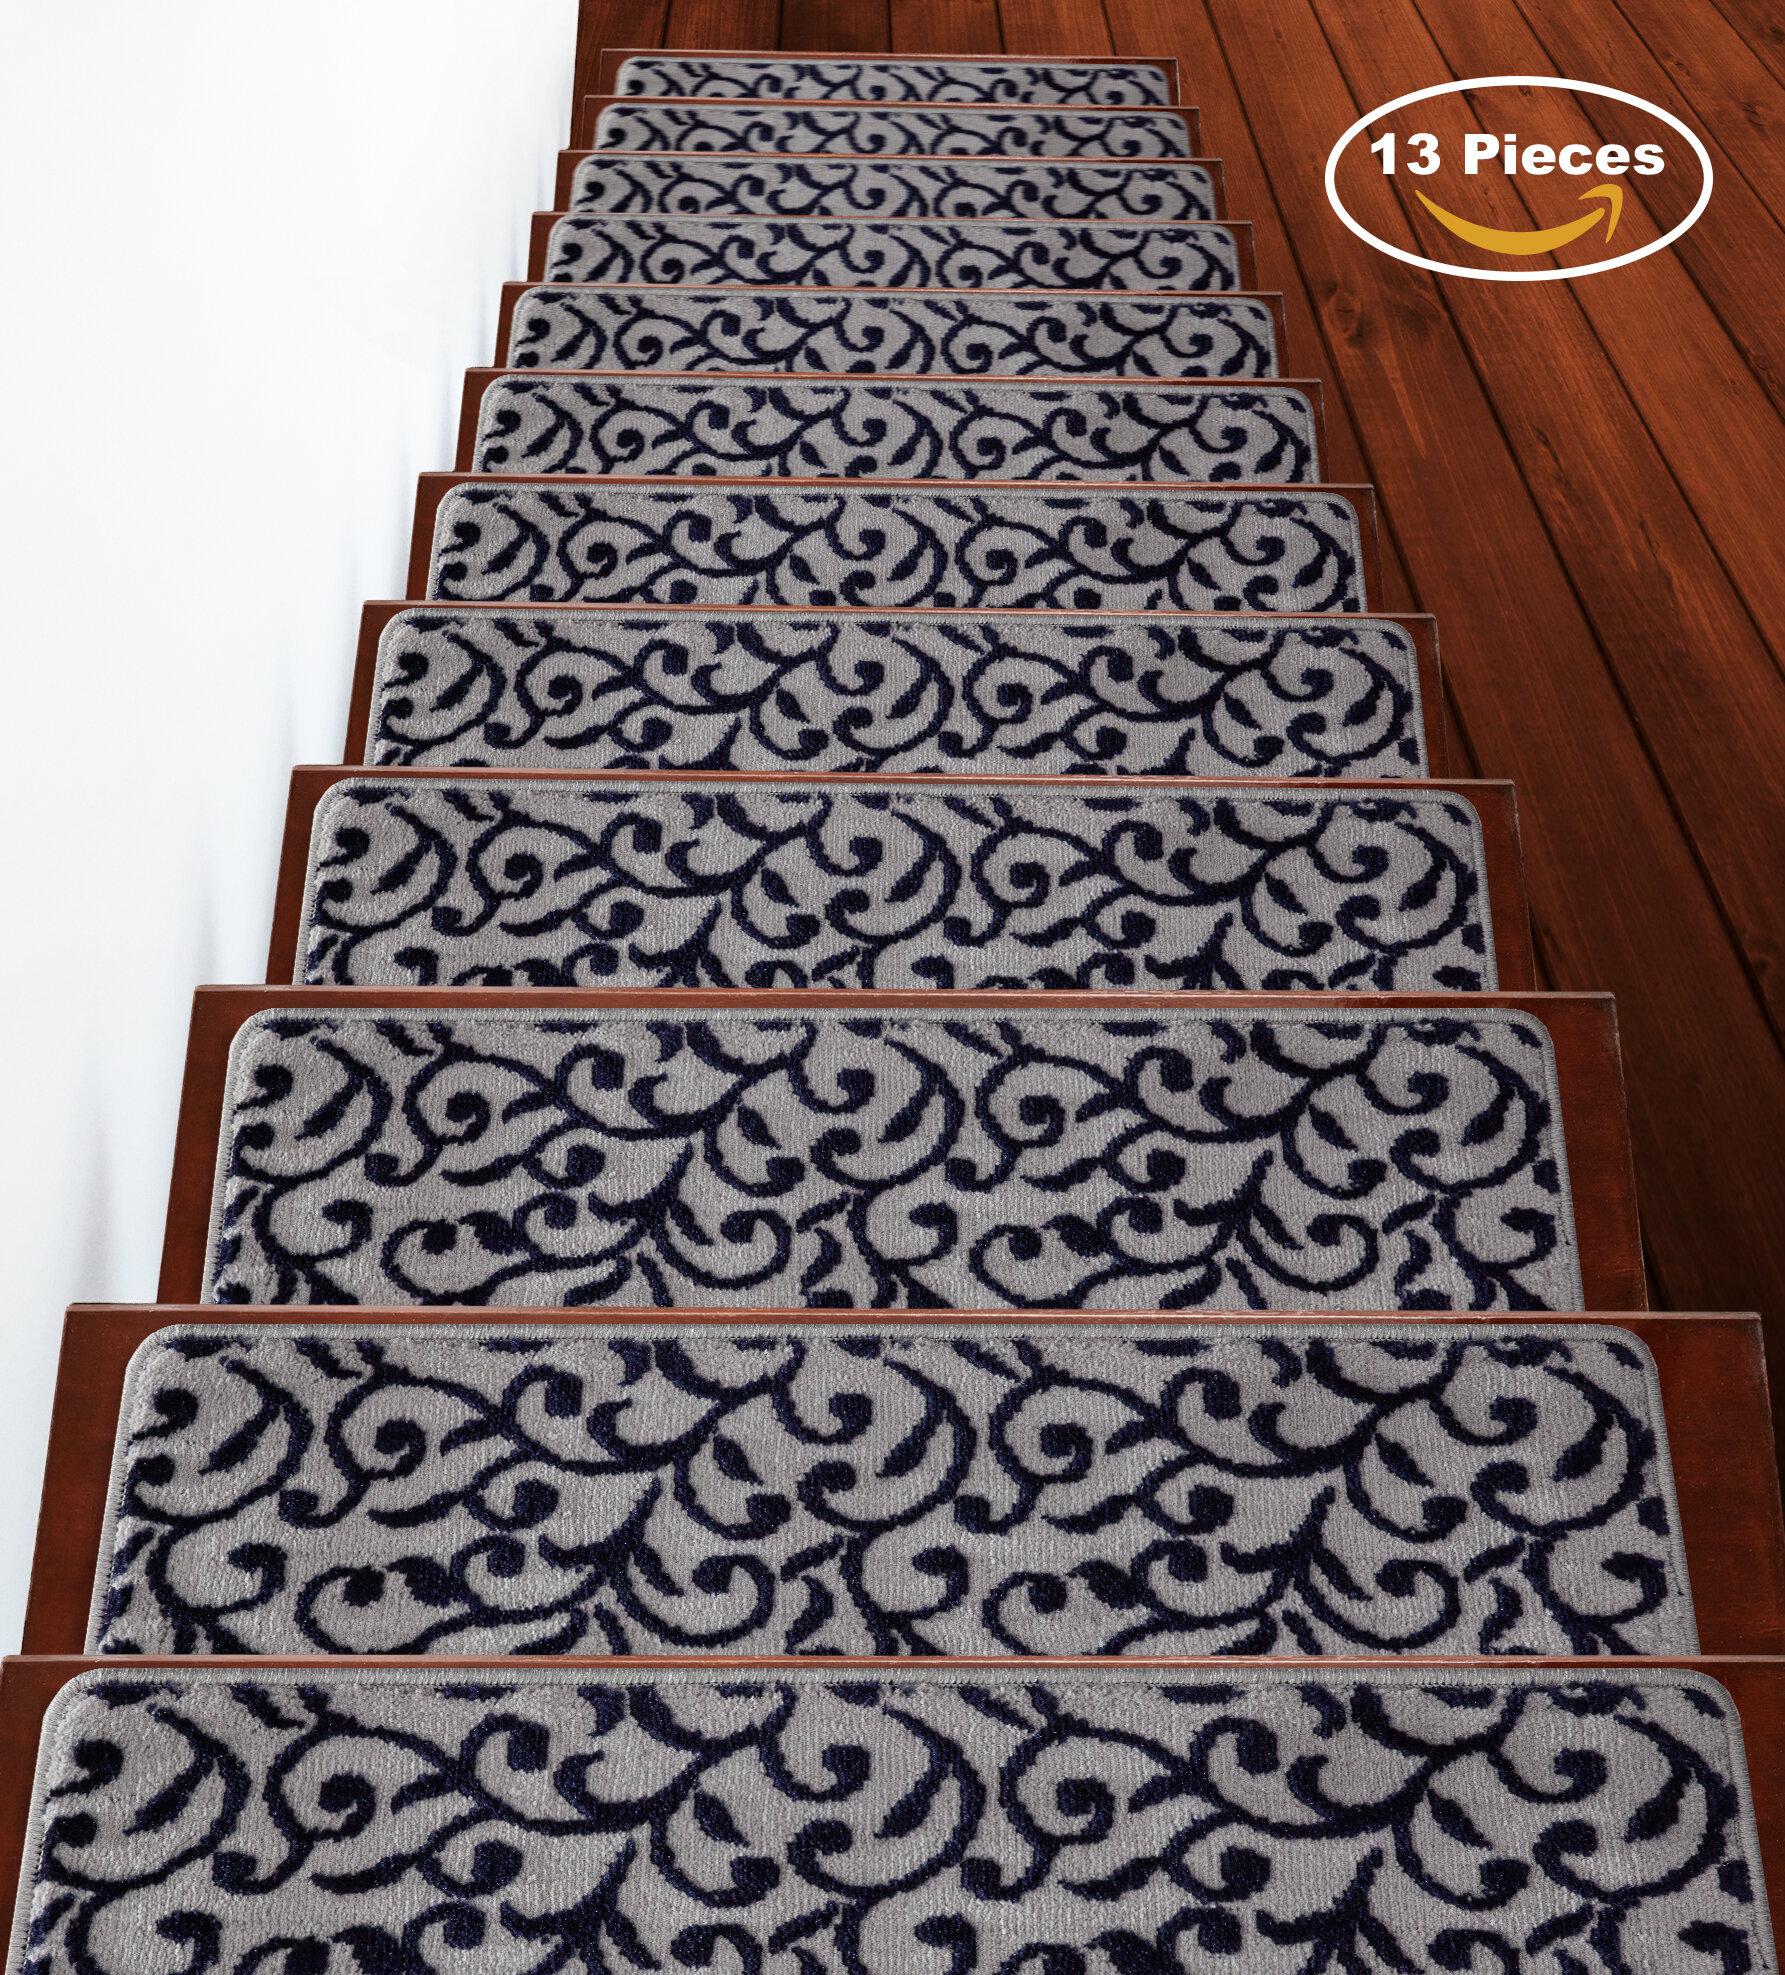 Elegant Stair Tread Rugs You Ll Love In 2021 Wayfair